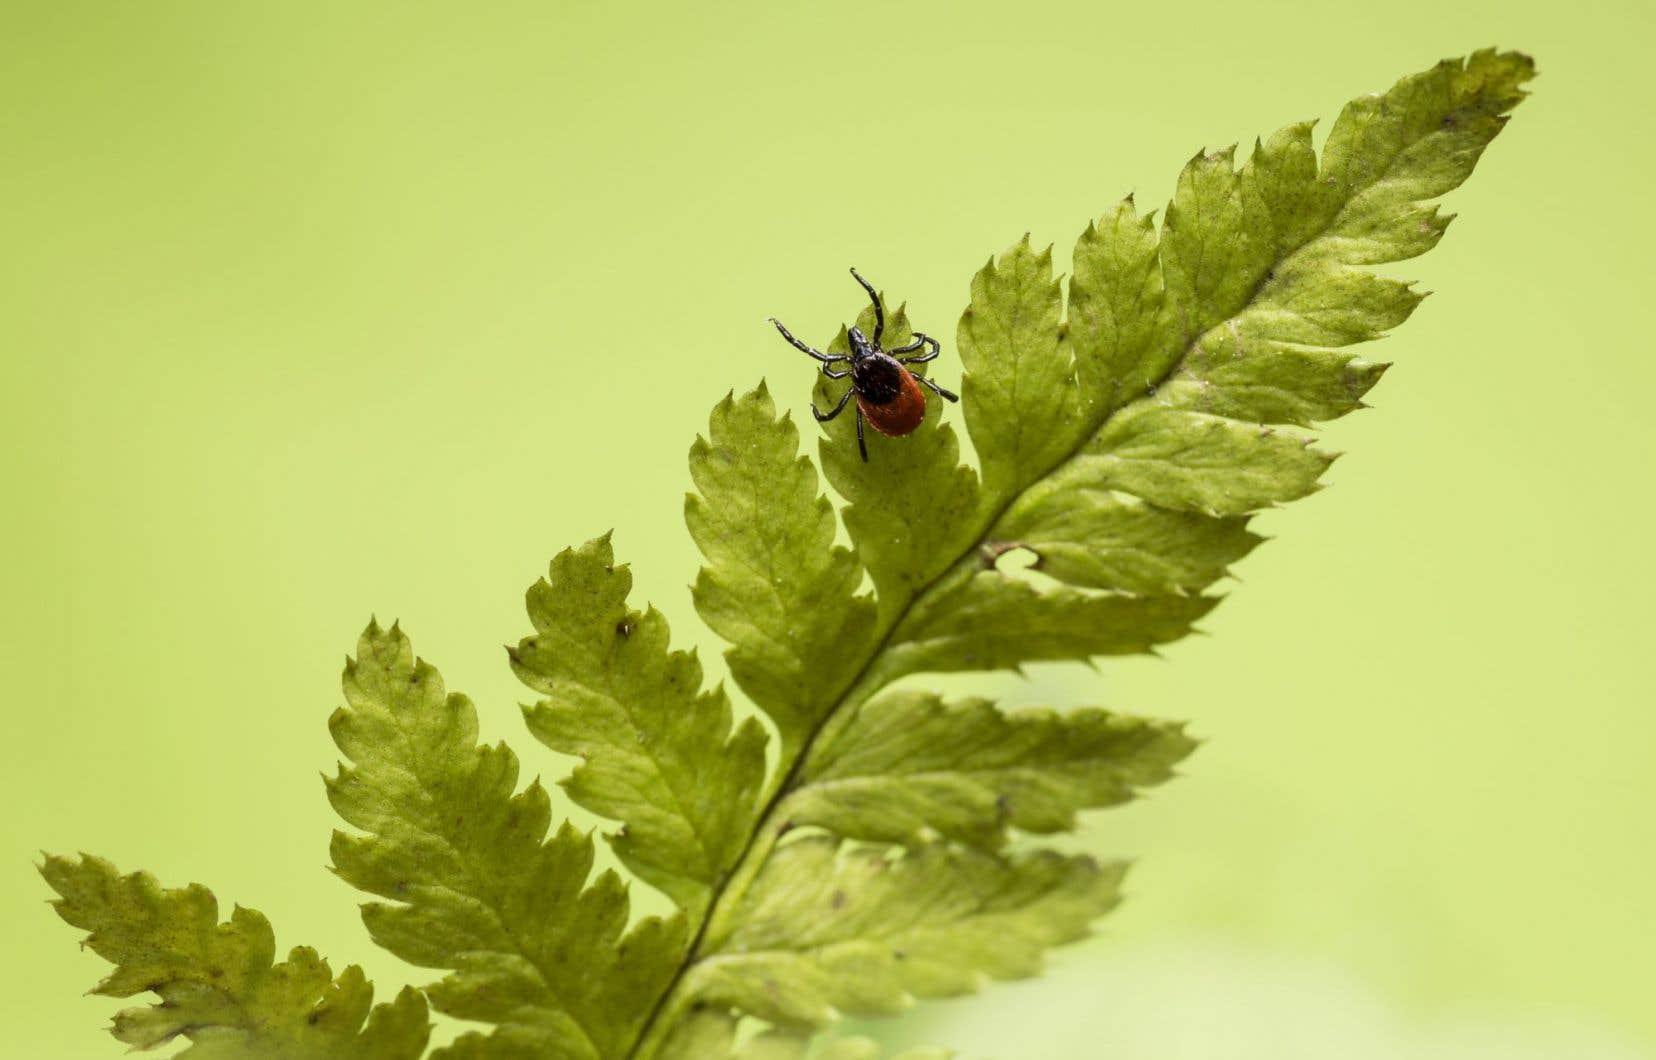 Une tique attachée à la peau prendra de 36 à 48heures pour transmettre la maladie de Lyme à sa victime.